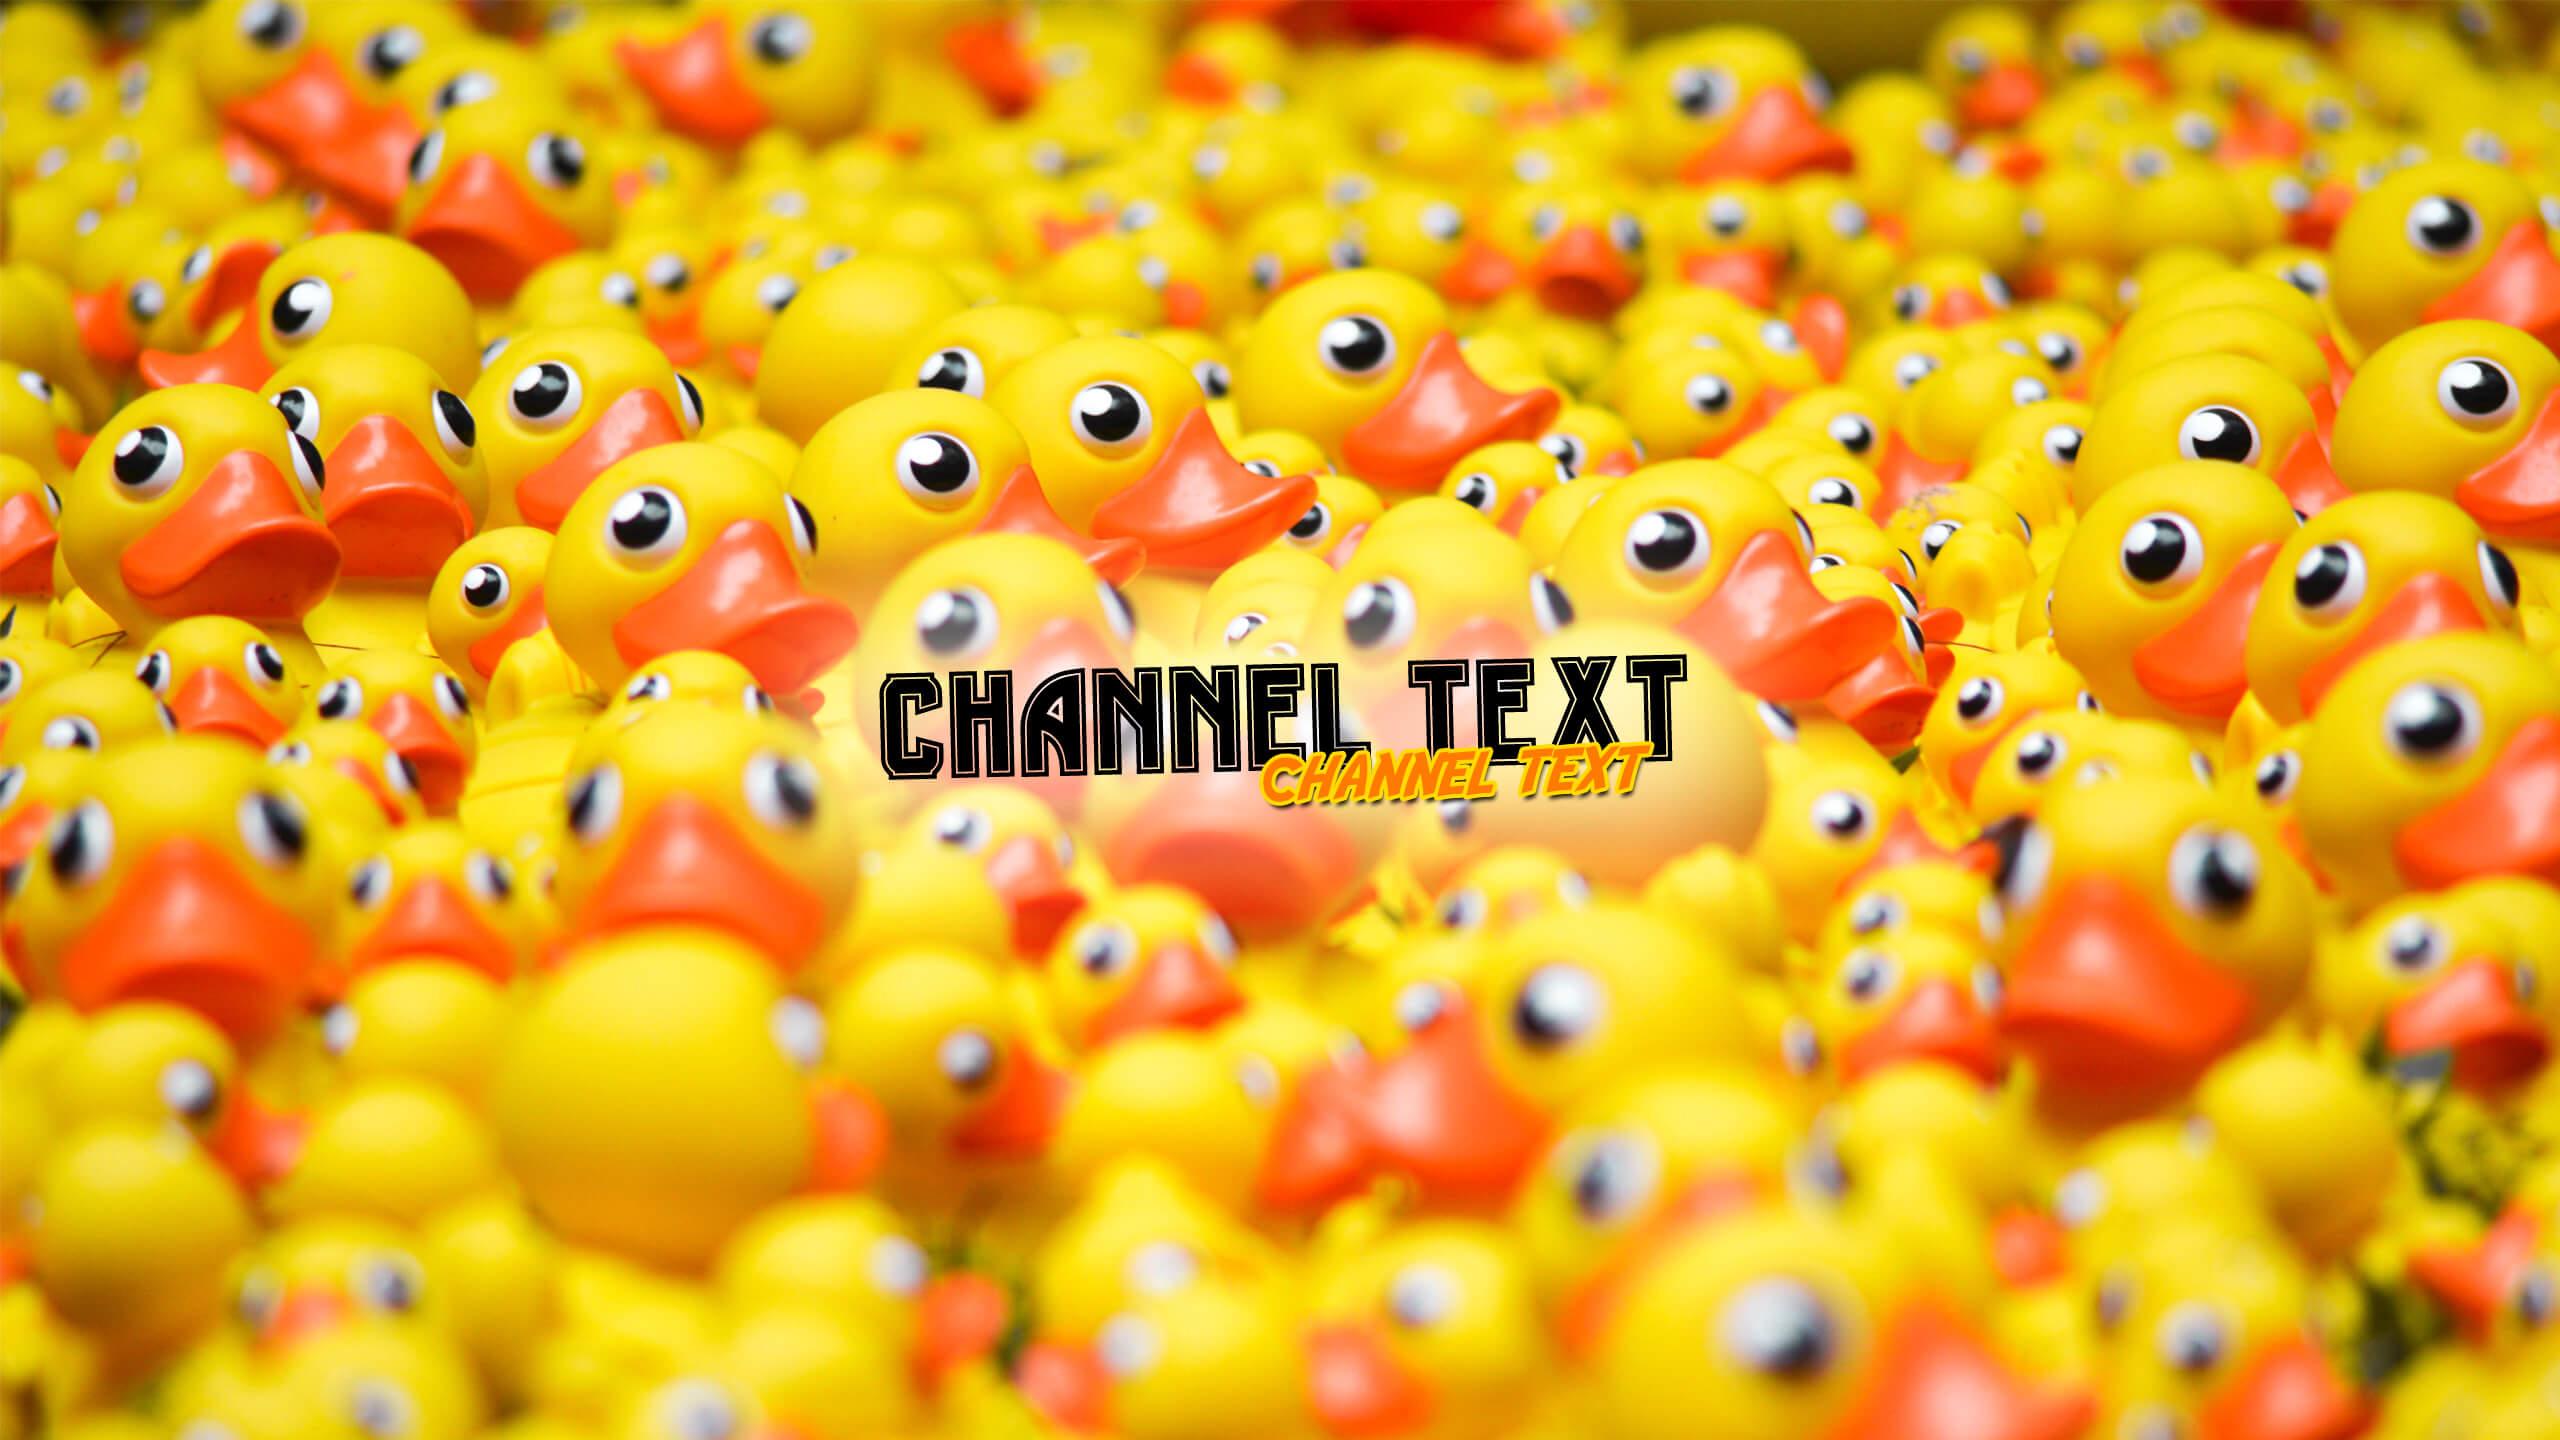 Фото с жёлтыми резиновыми утятами для канала ютуб.